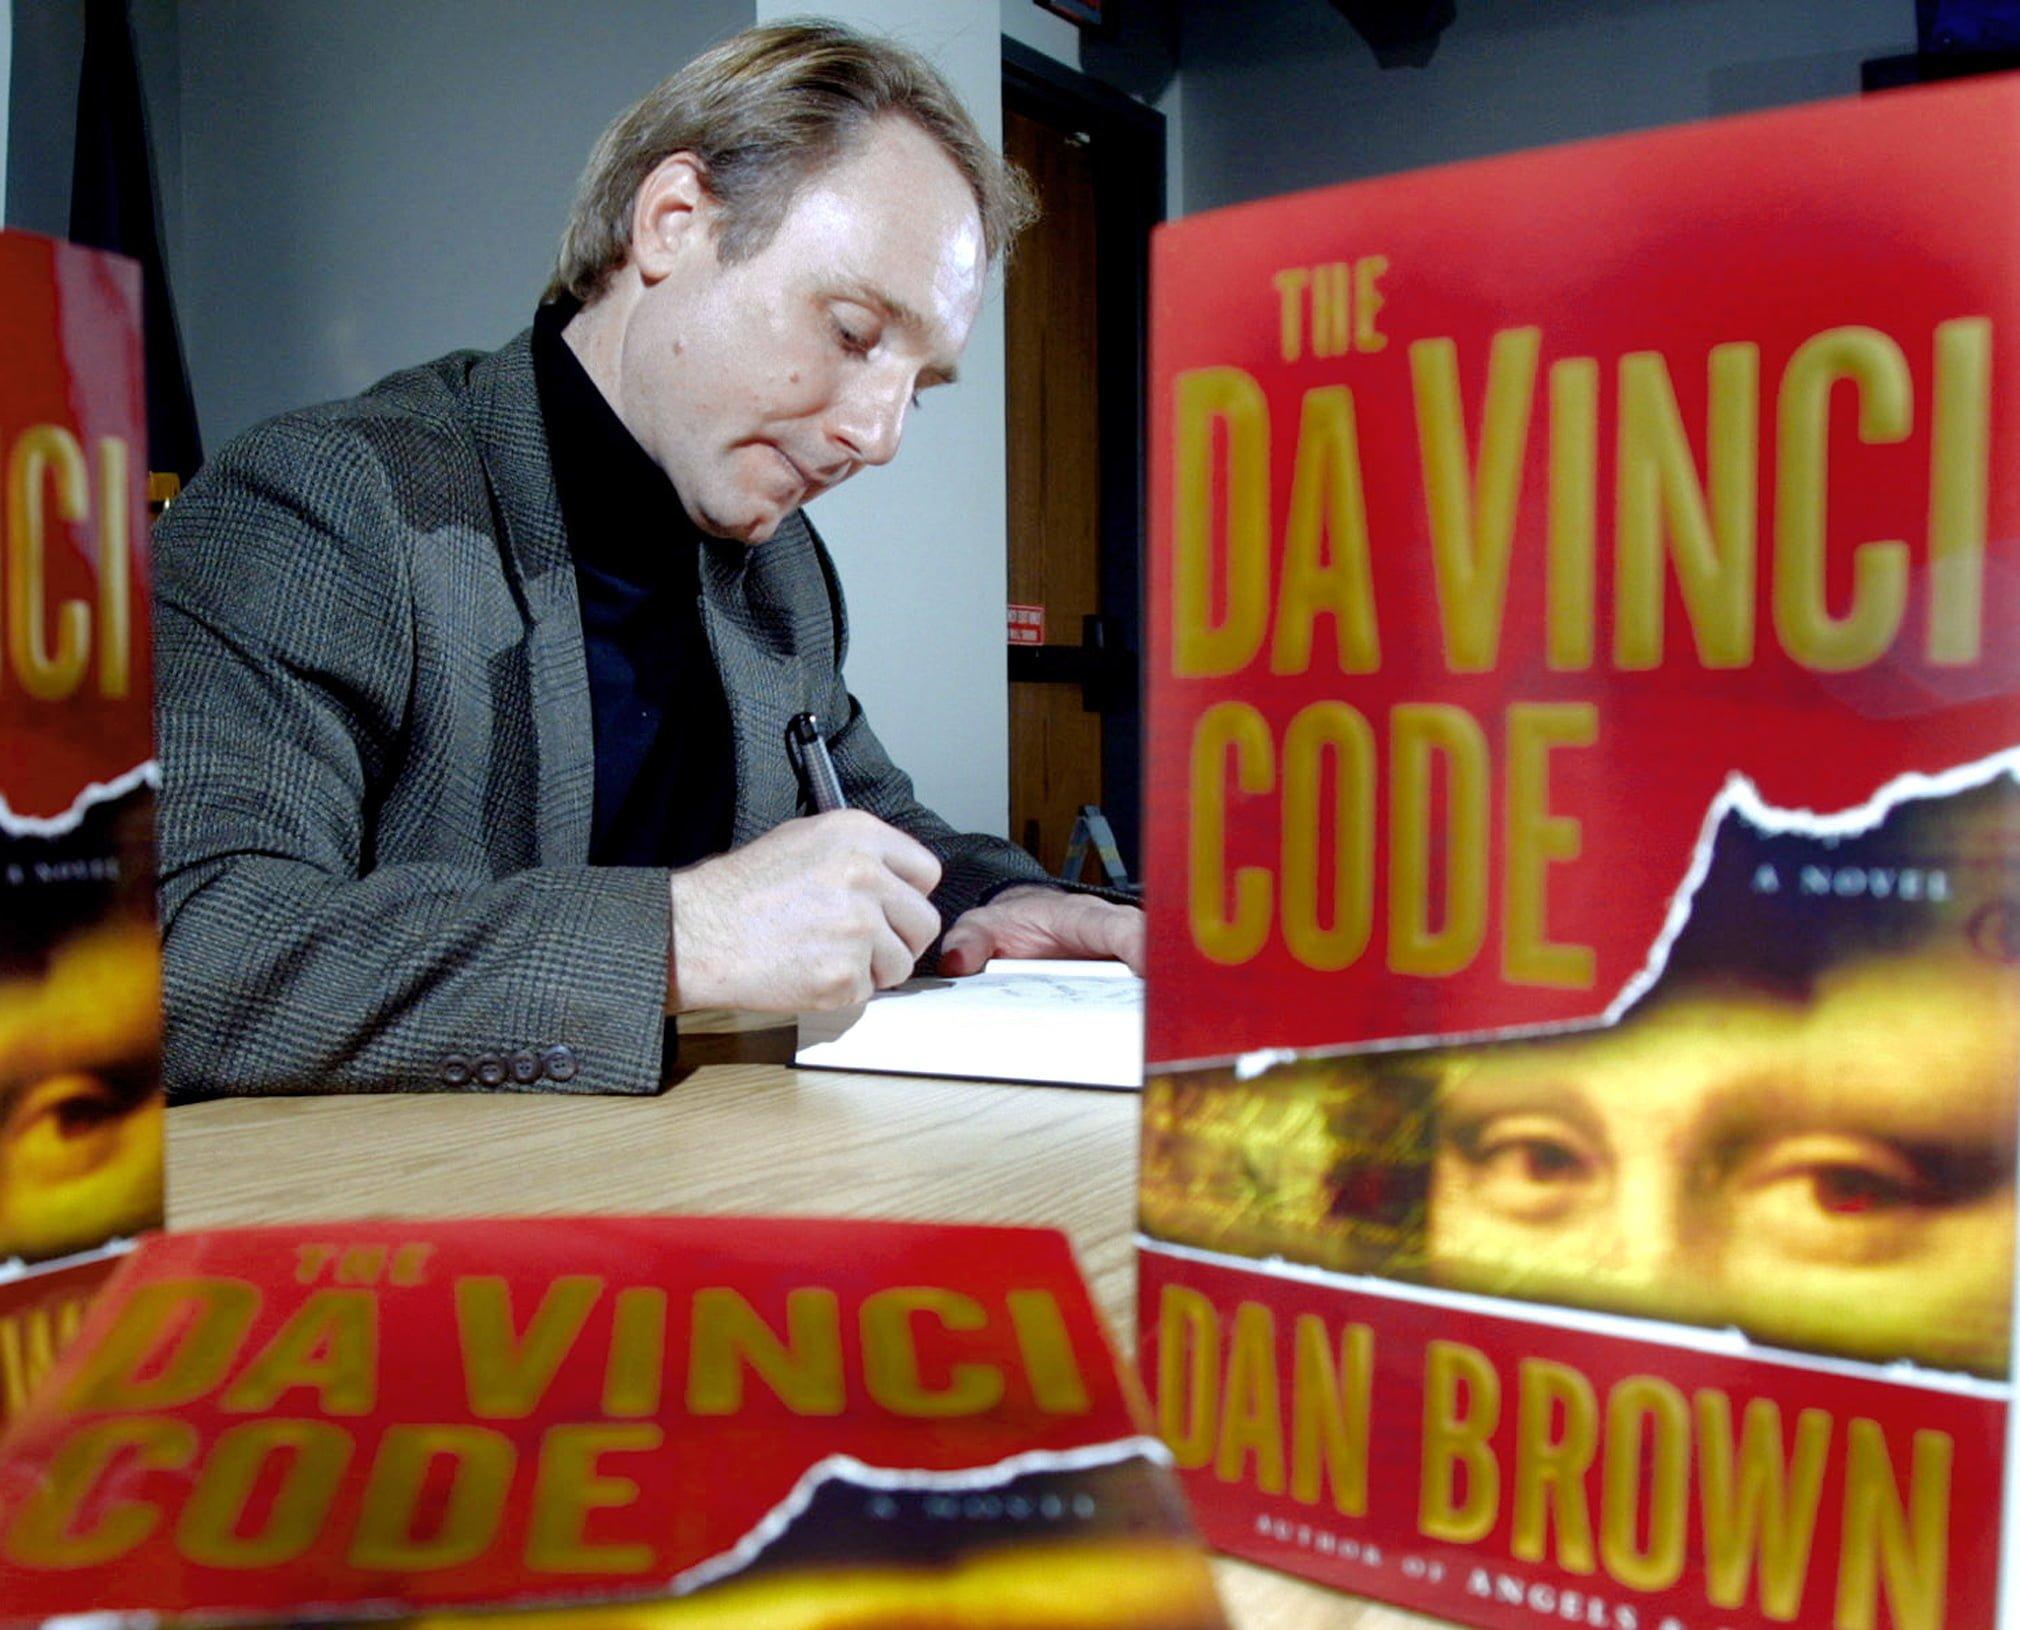 Scriitorul Dan Brown lanseaza un nou roman din seria  deschisa de Codul lui Da Vinci